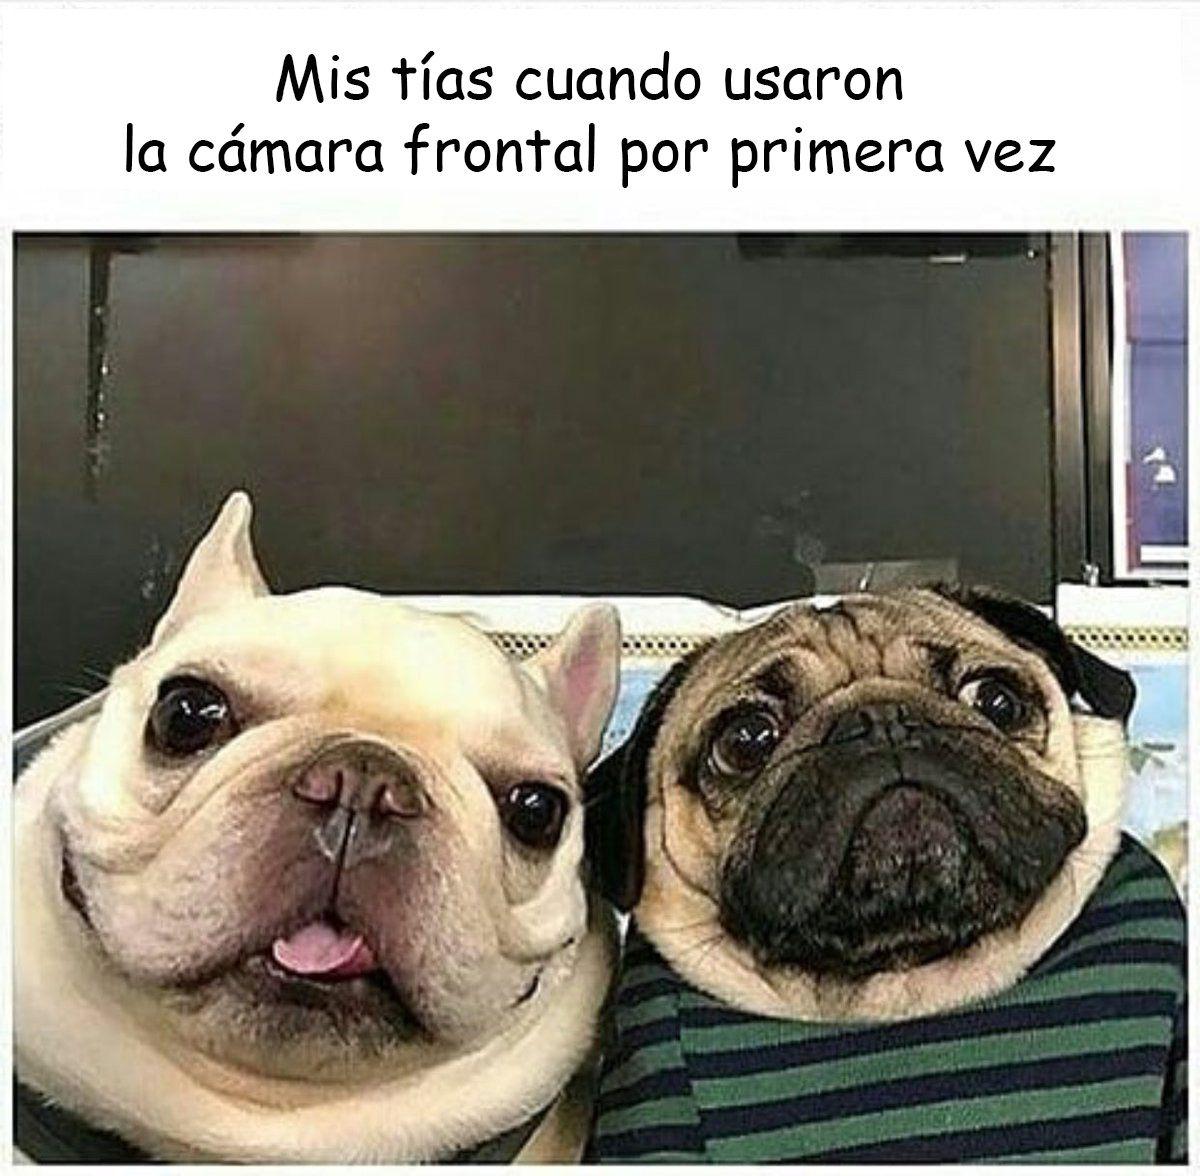 20 Divertidos Memes De Perritos Que Prometen Quitarte Toda La Tristeza Memes Perros Memes De Perros Chistosos Chistes De Perros